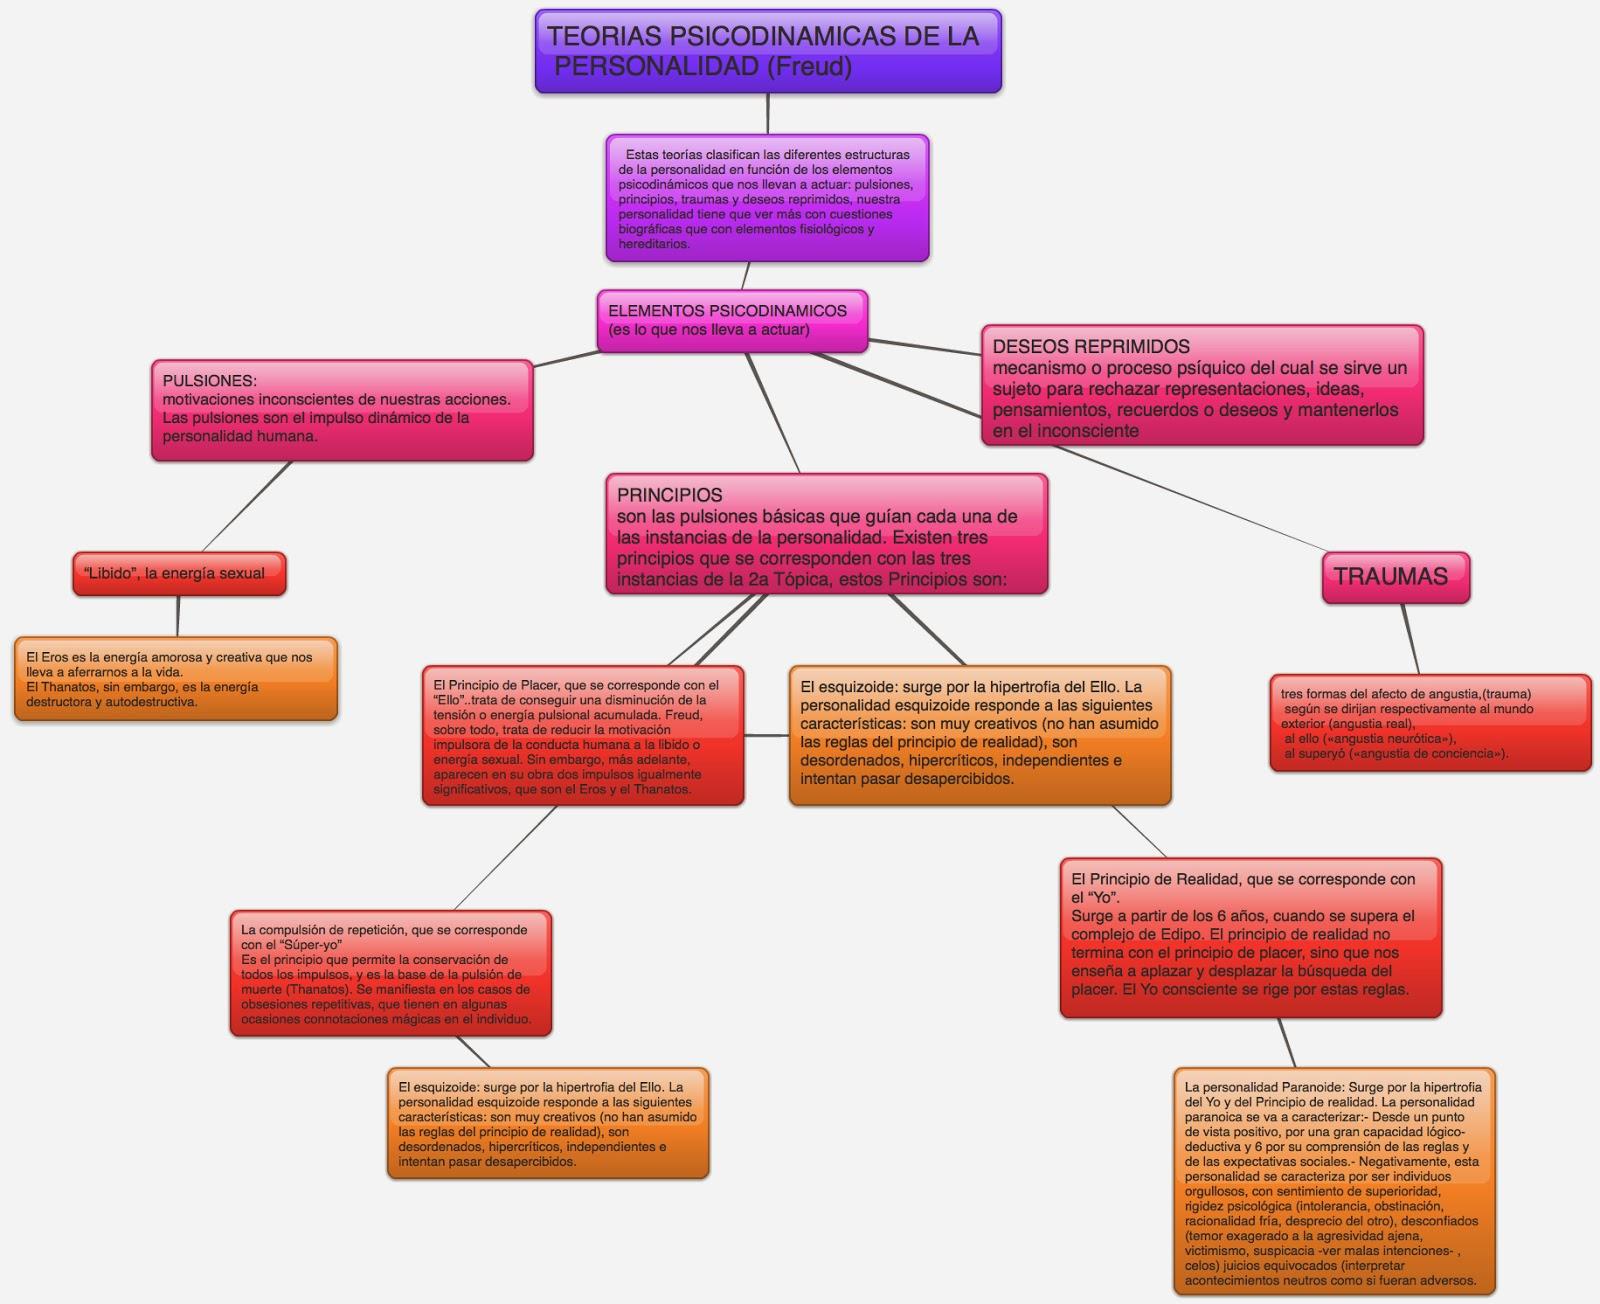 Bases Biológicas de la Personalidad: Bases biológicas de la personalidad